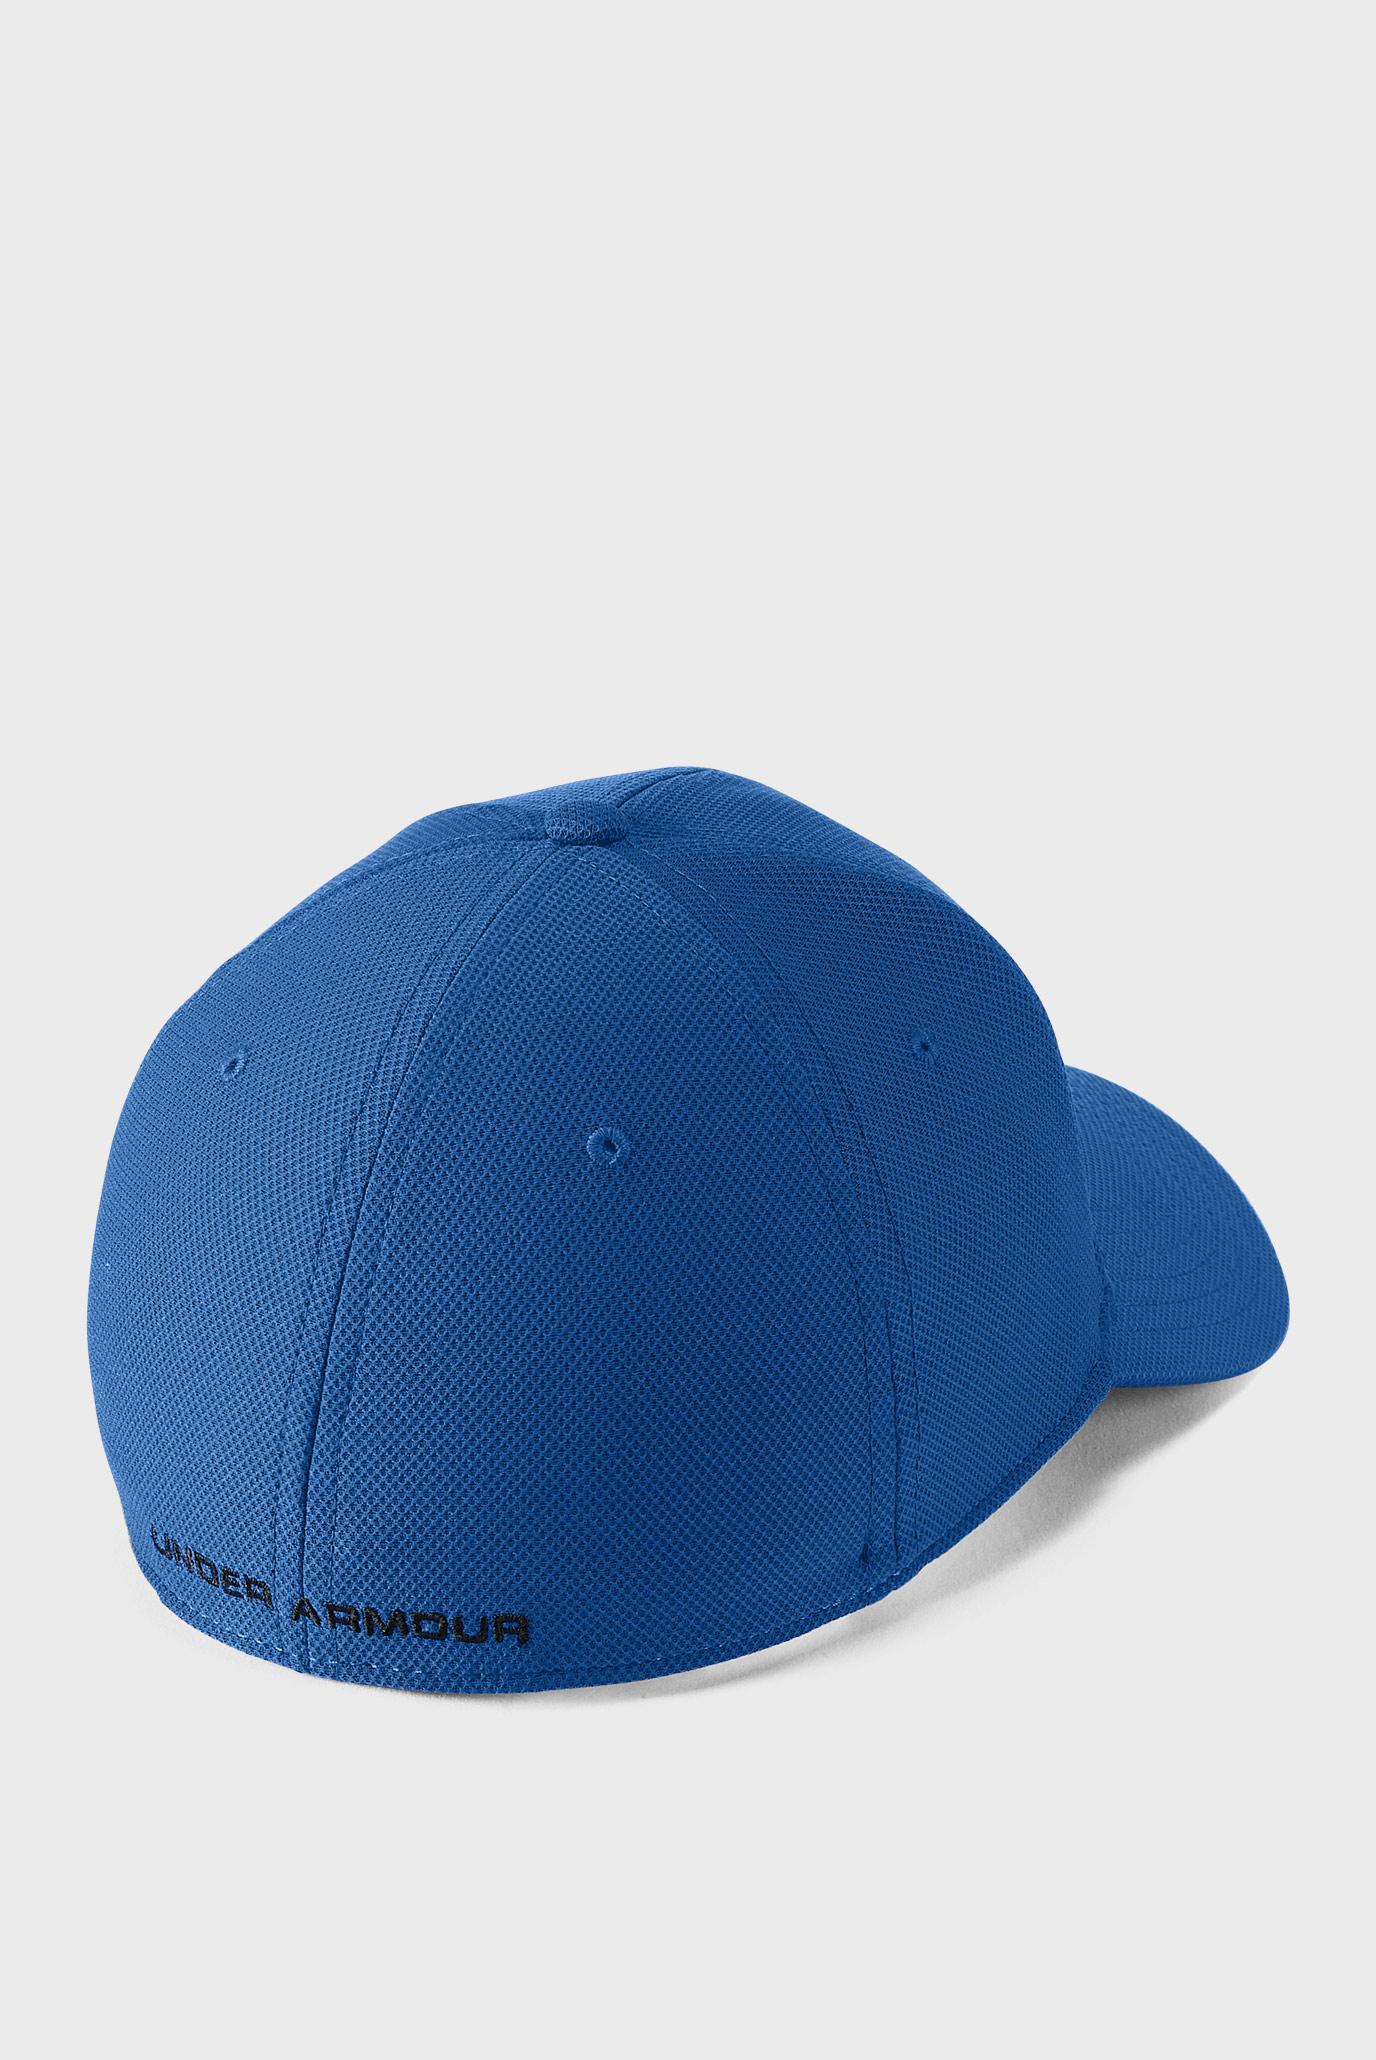 Купить Мужская синяя кепка Blitzing 3.0 Under Armour Under Armour 1305036-400 – Киев, Украина. Цены в интернет магазине MD Fashion